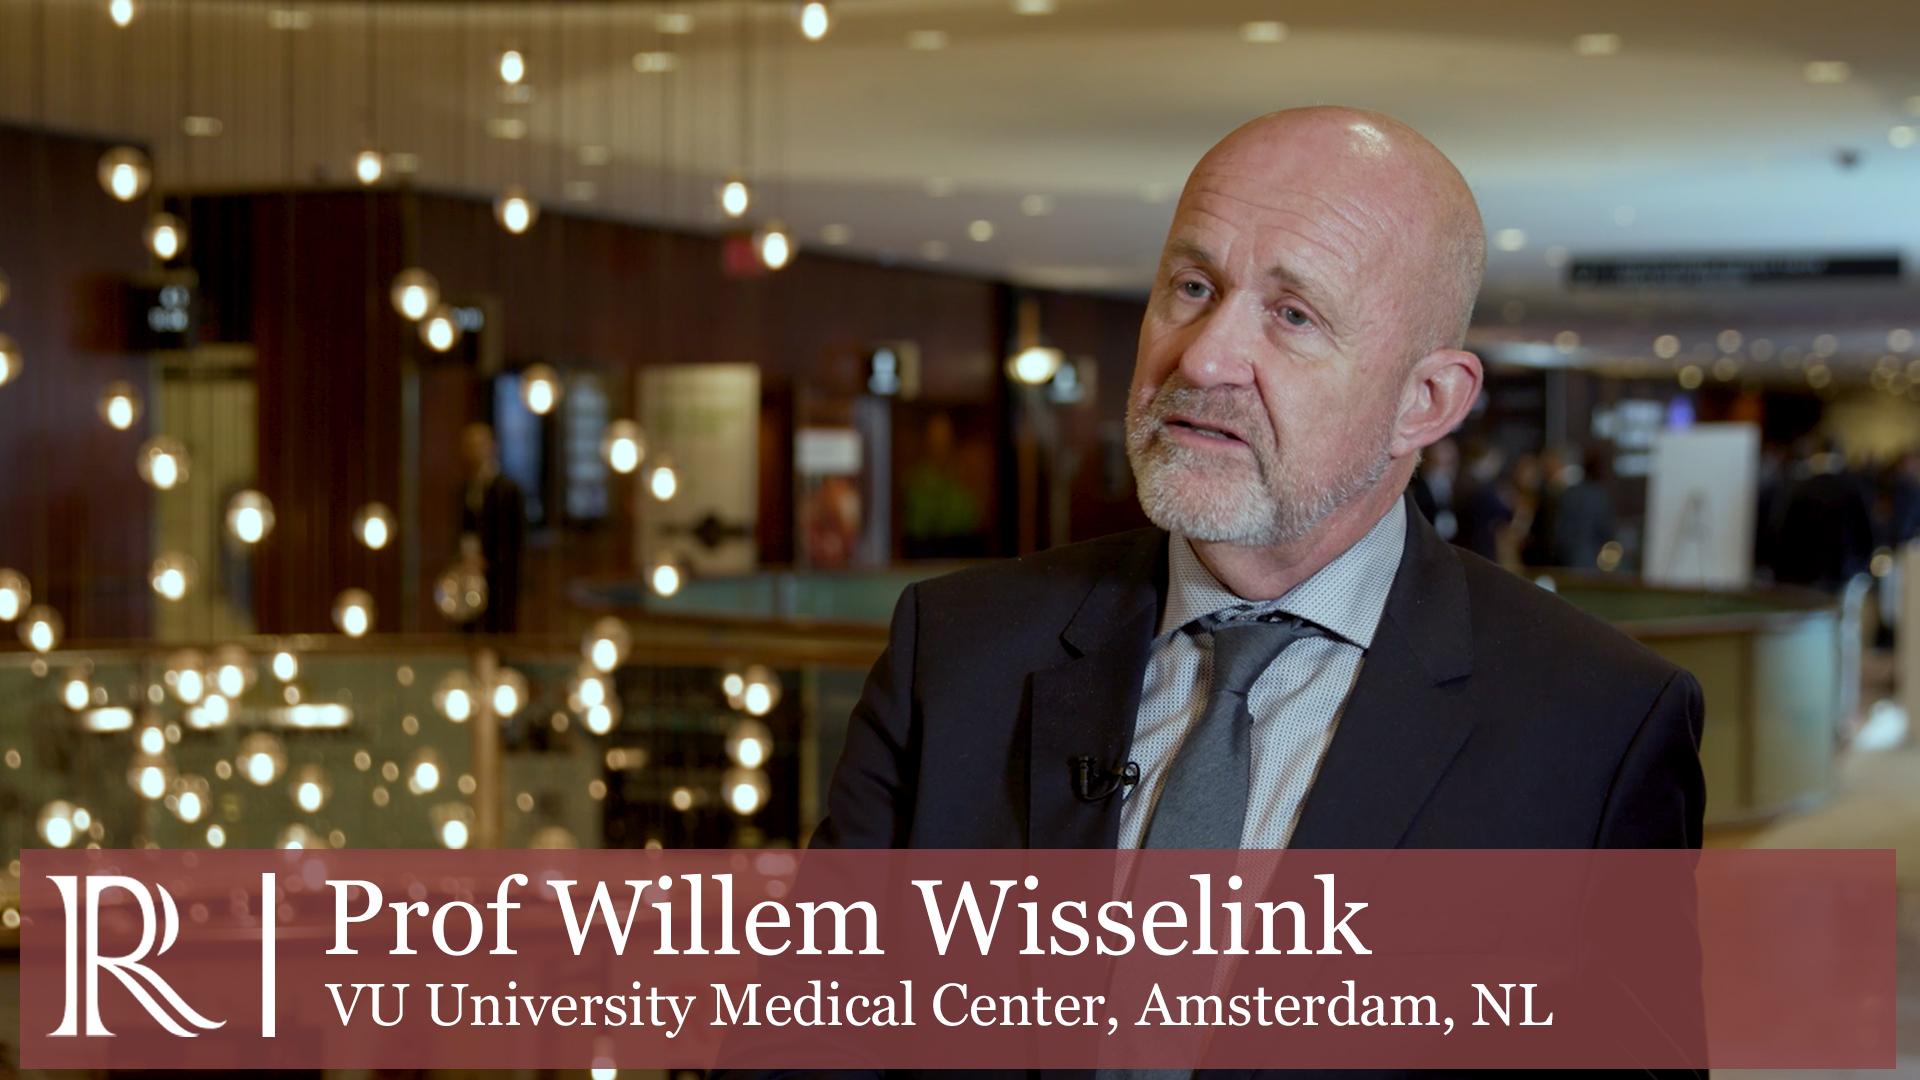 VEITHsymposium™ 2019: Vascular Robotics — Prof Willem Wisselink